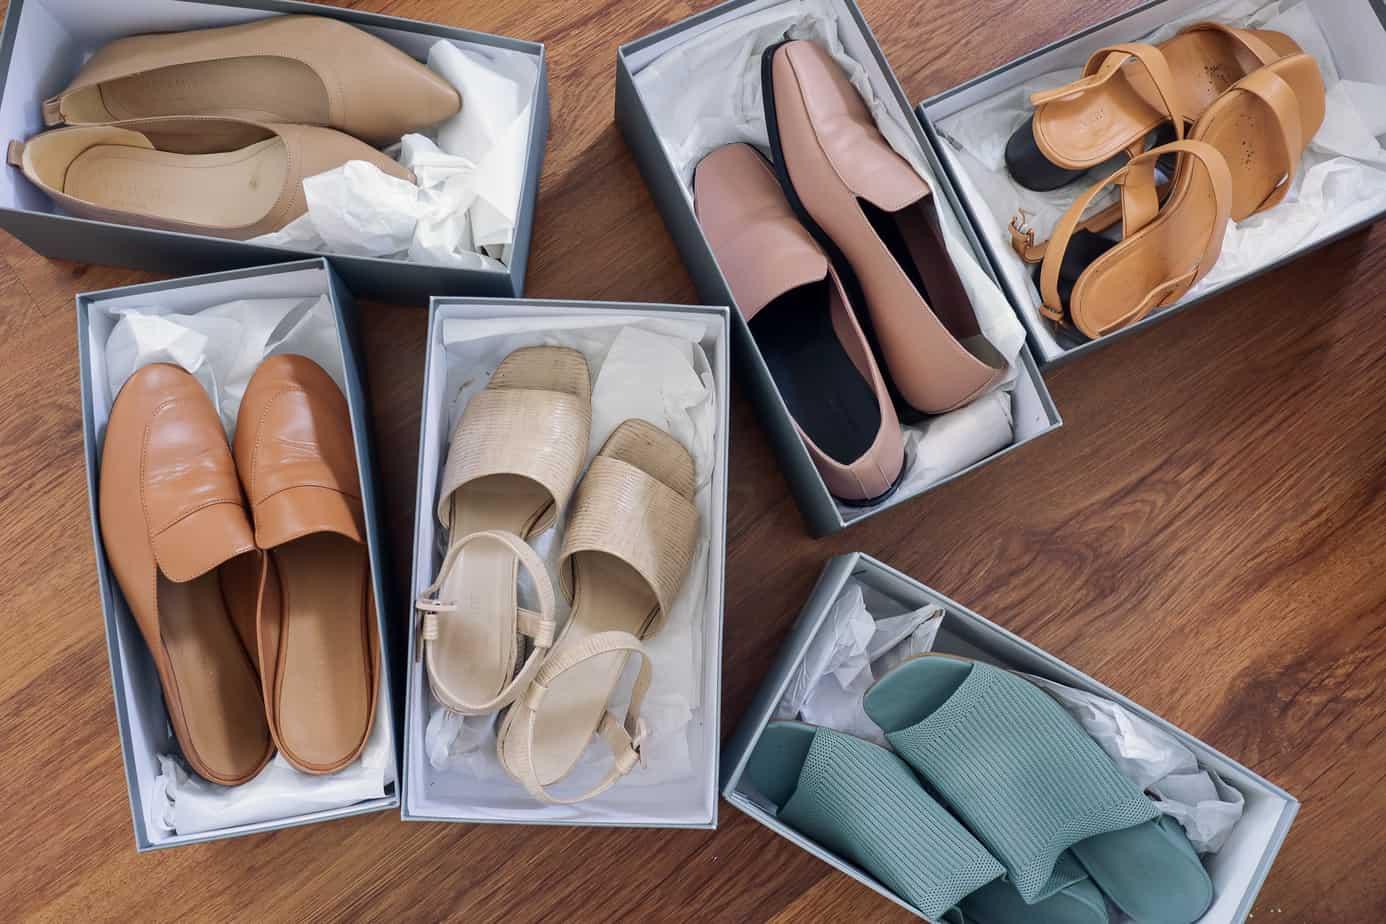 אוסף הנעליים של לובה שרגא